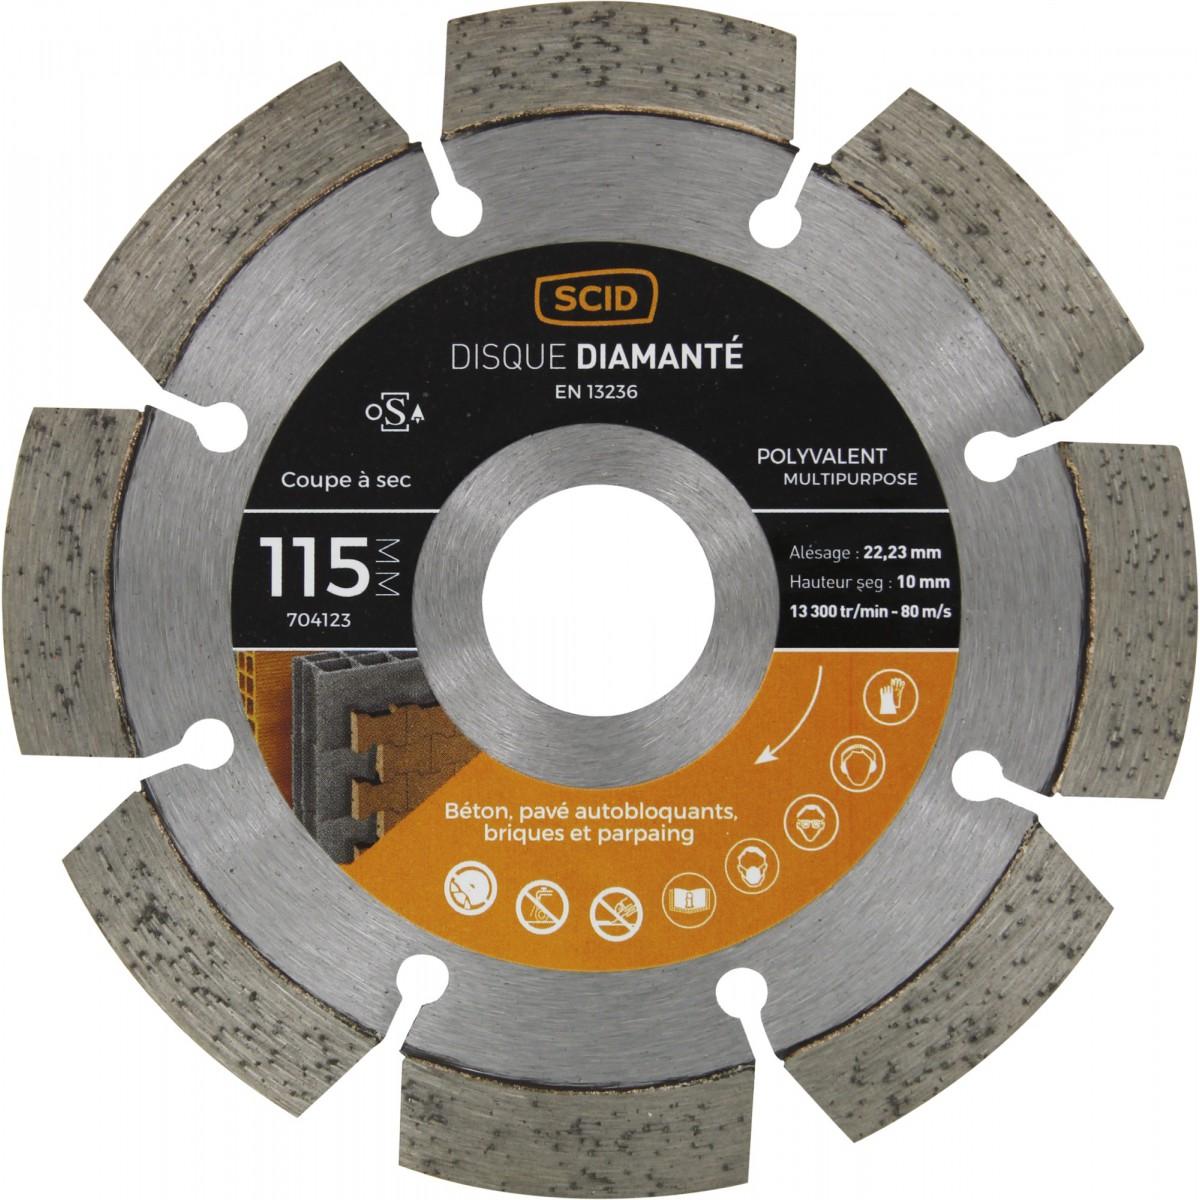 Disque diamanté polyvalent professionnel SCID - Diamètre 115 mm